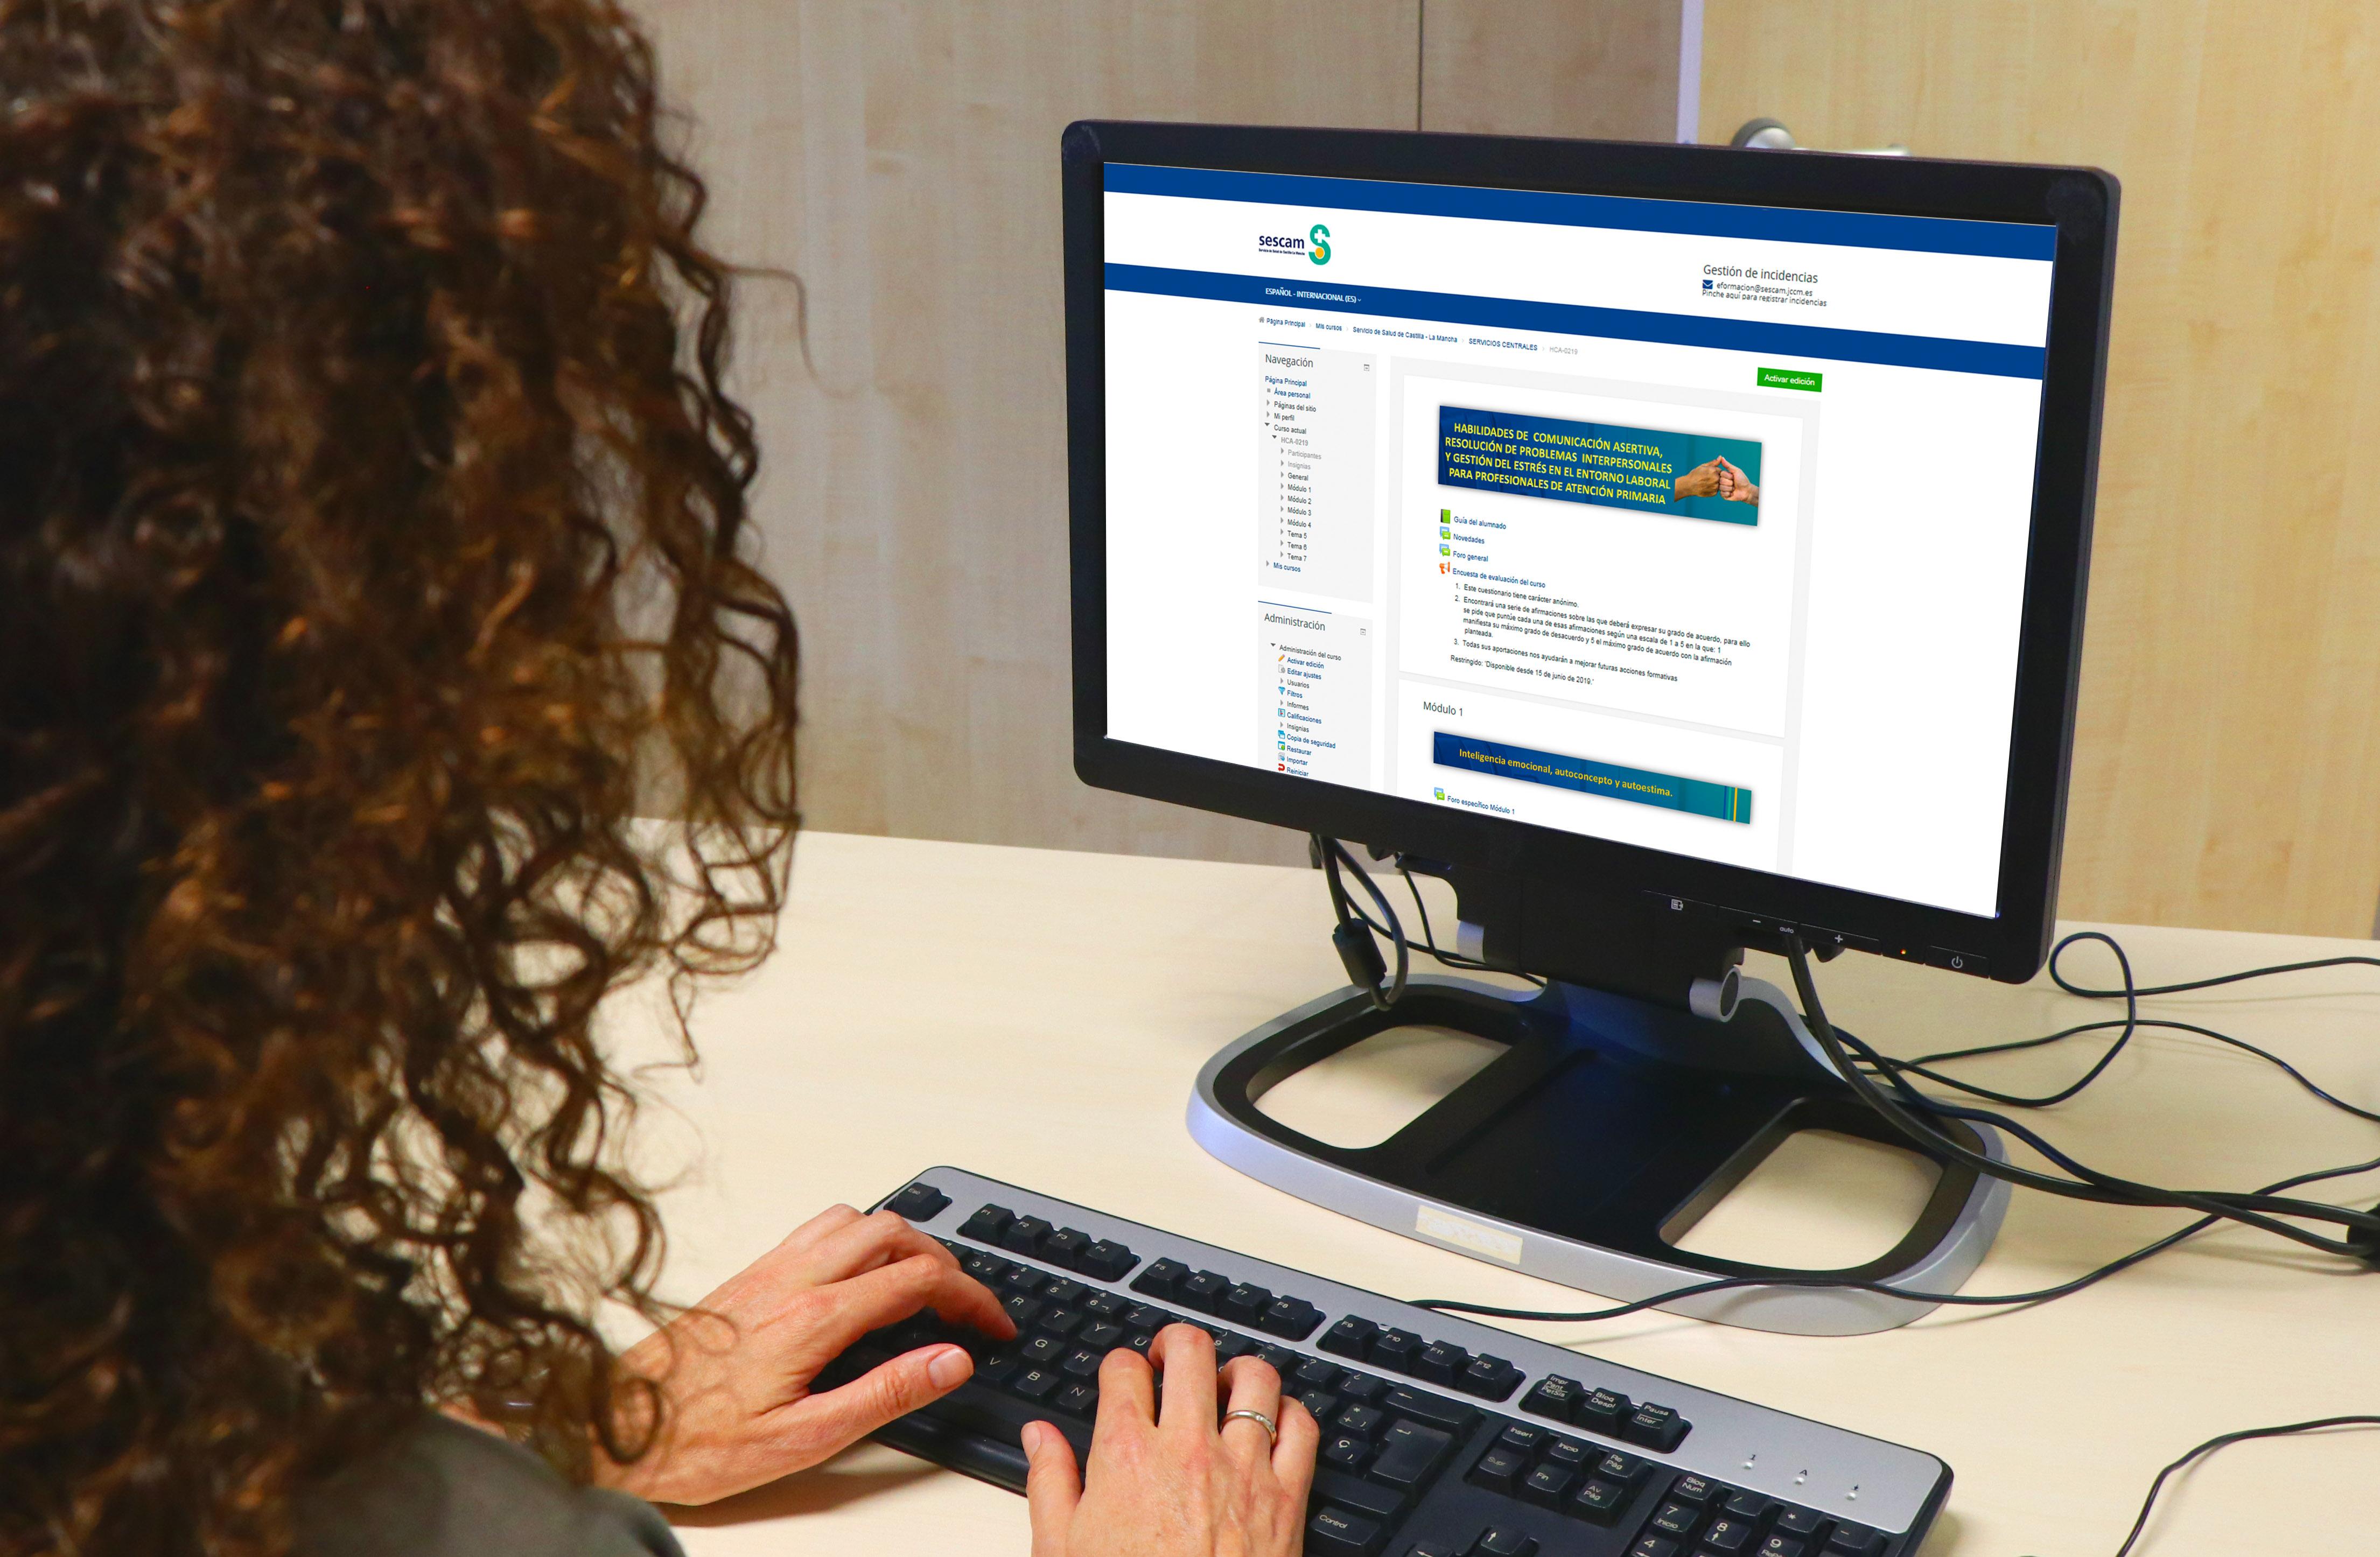 El SESCAM forma a profesionales de Atención Primaria para mejorar sus habilidades de comunicación, tanto con los pacientes como con otros profesionales